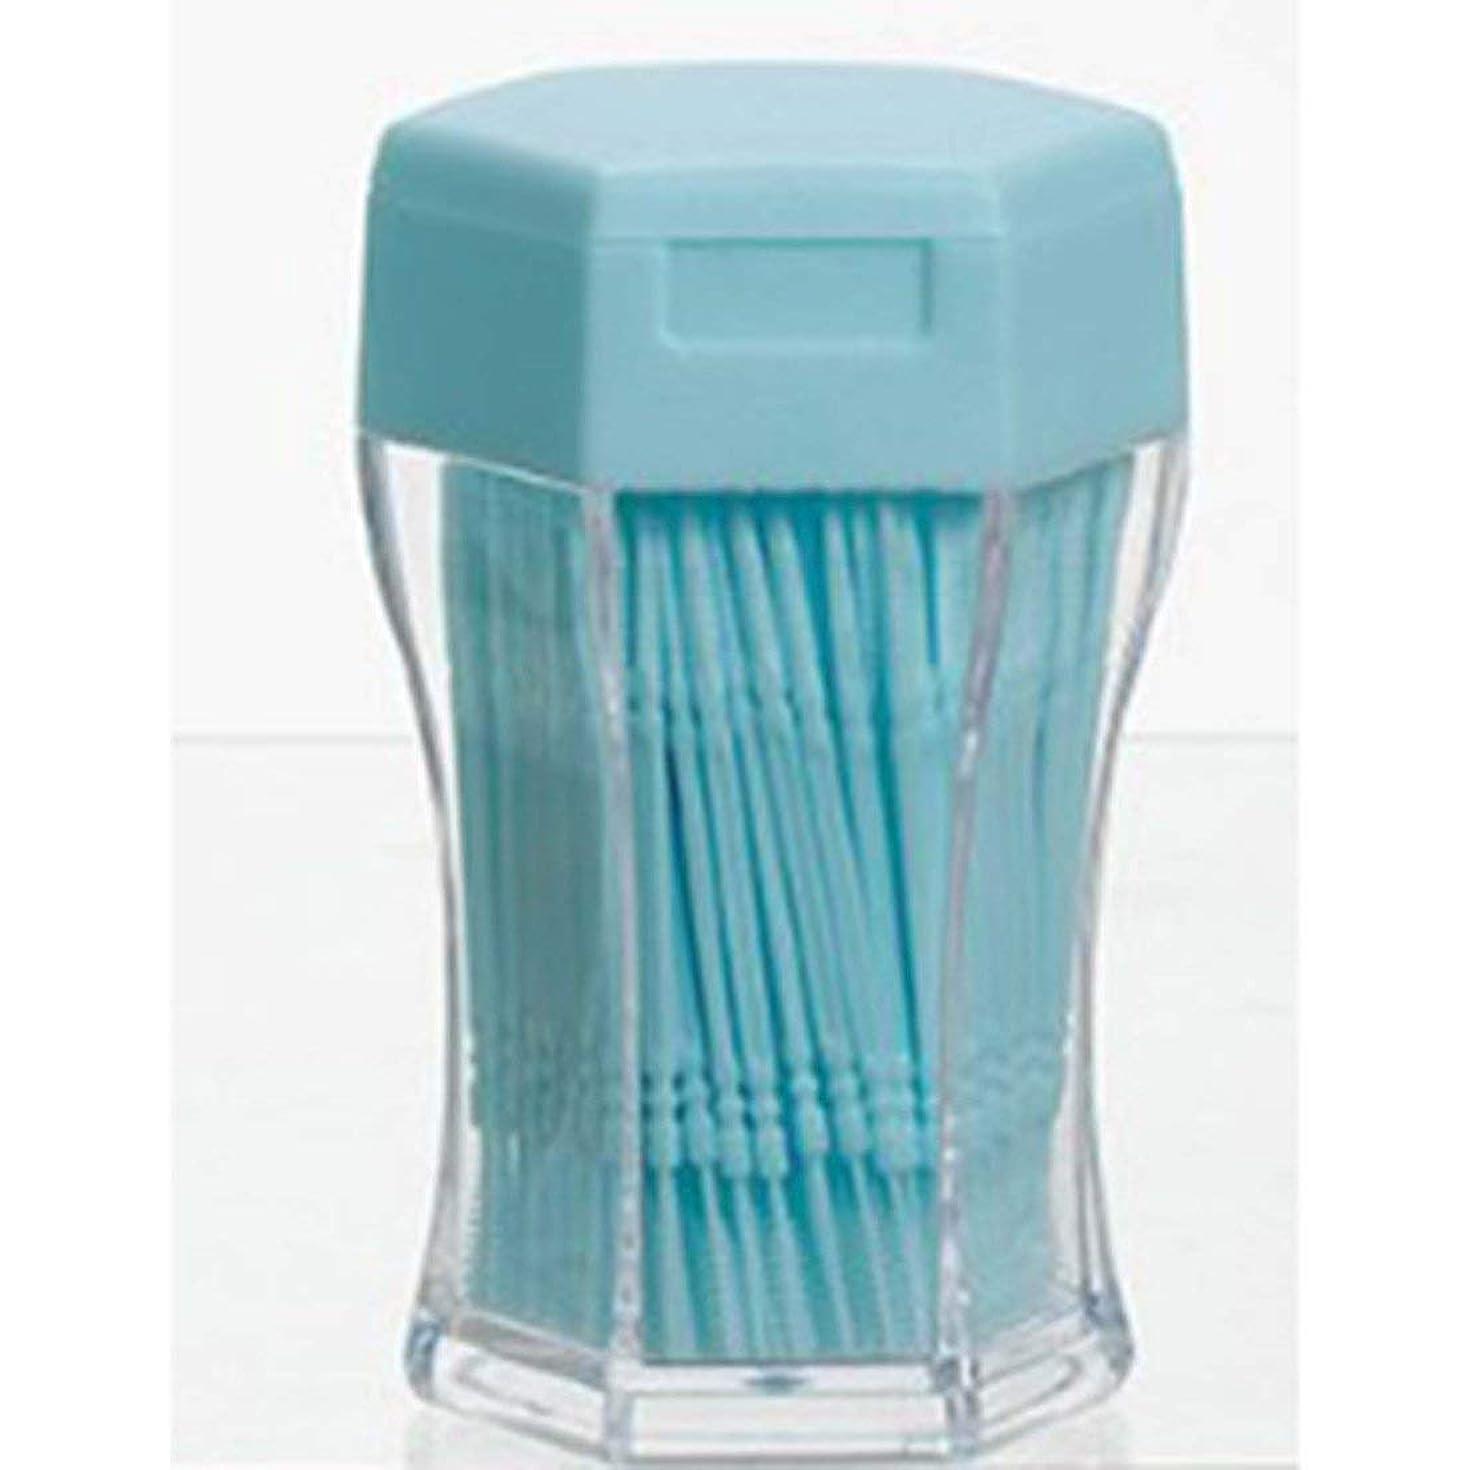 ぼかしオーロック脳200ピース/セットダブルヘッド歯フロス衛生デンタルフロスプラスチック歯間つまようじ健康用歯のクリーニングオーラルケア - ブルー